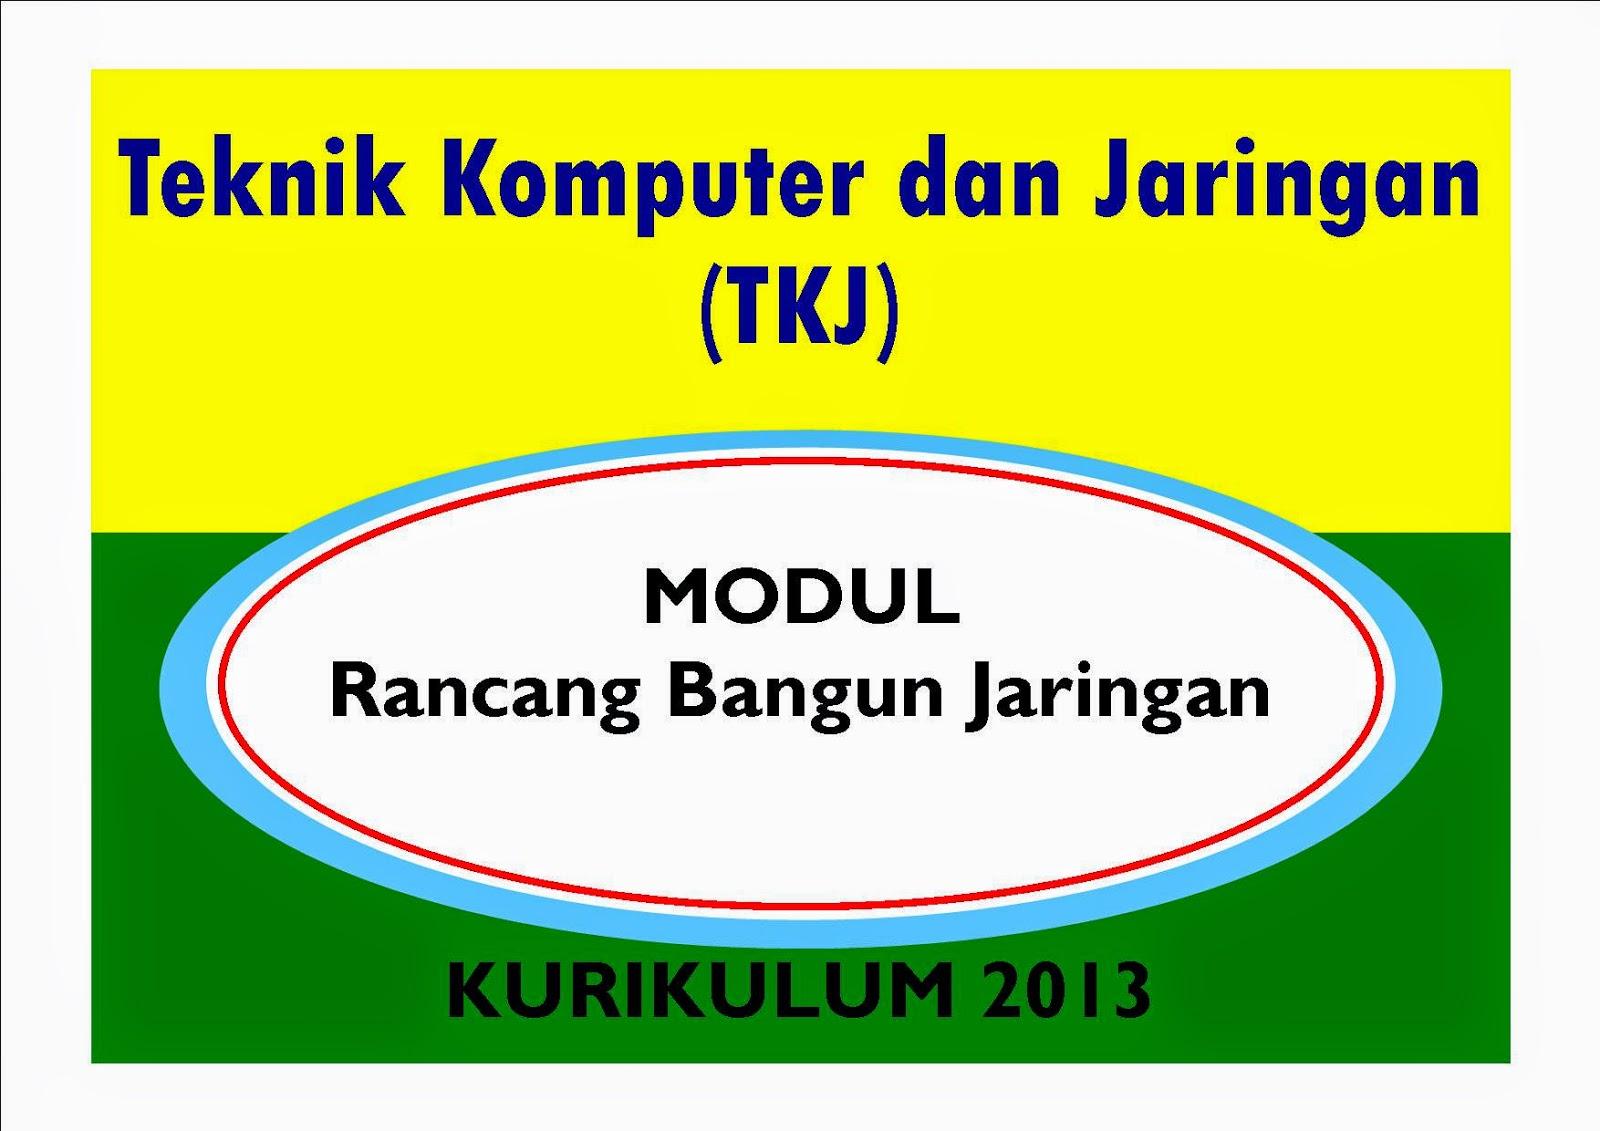 Modul Rancang Bagun Jaringan TKJ